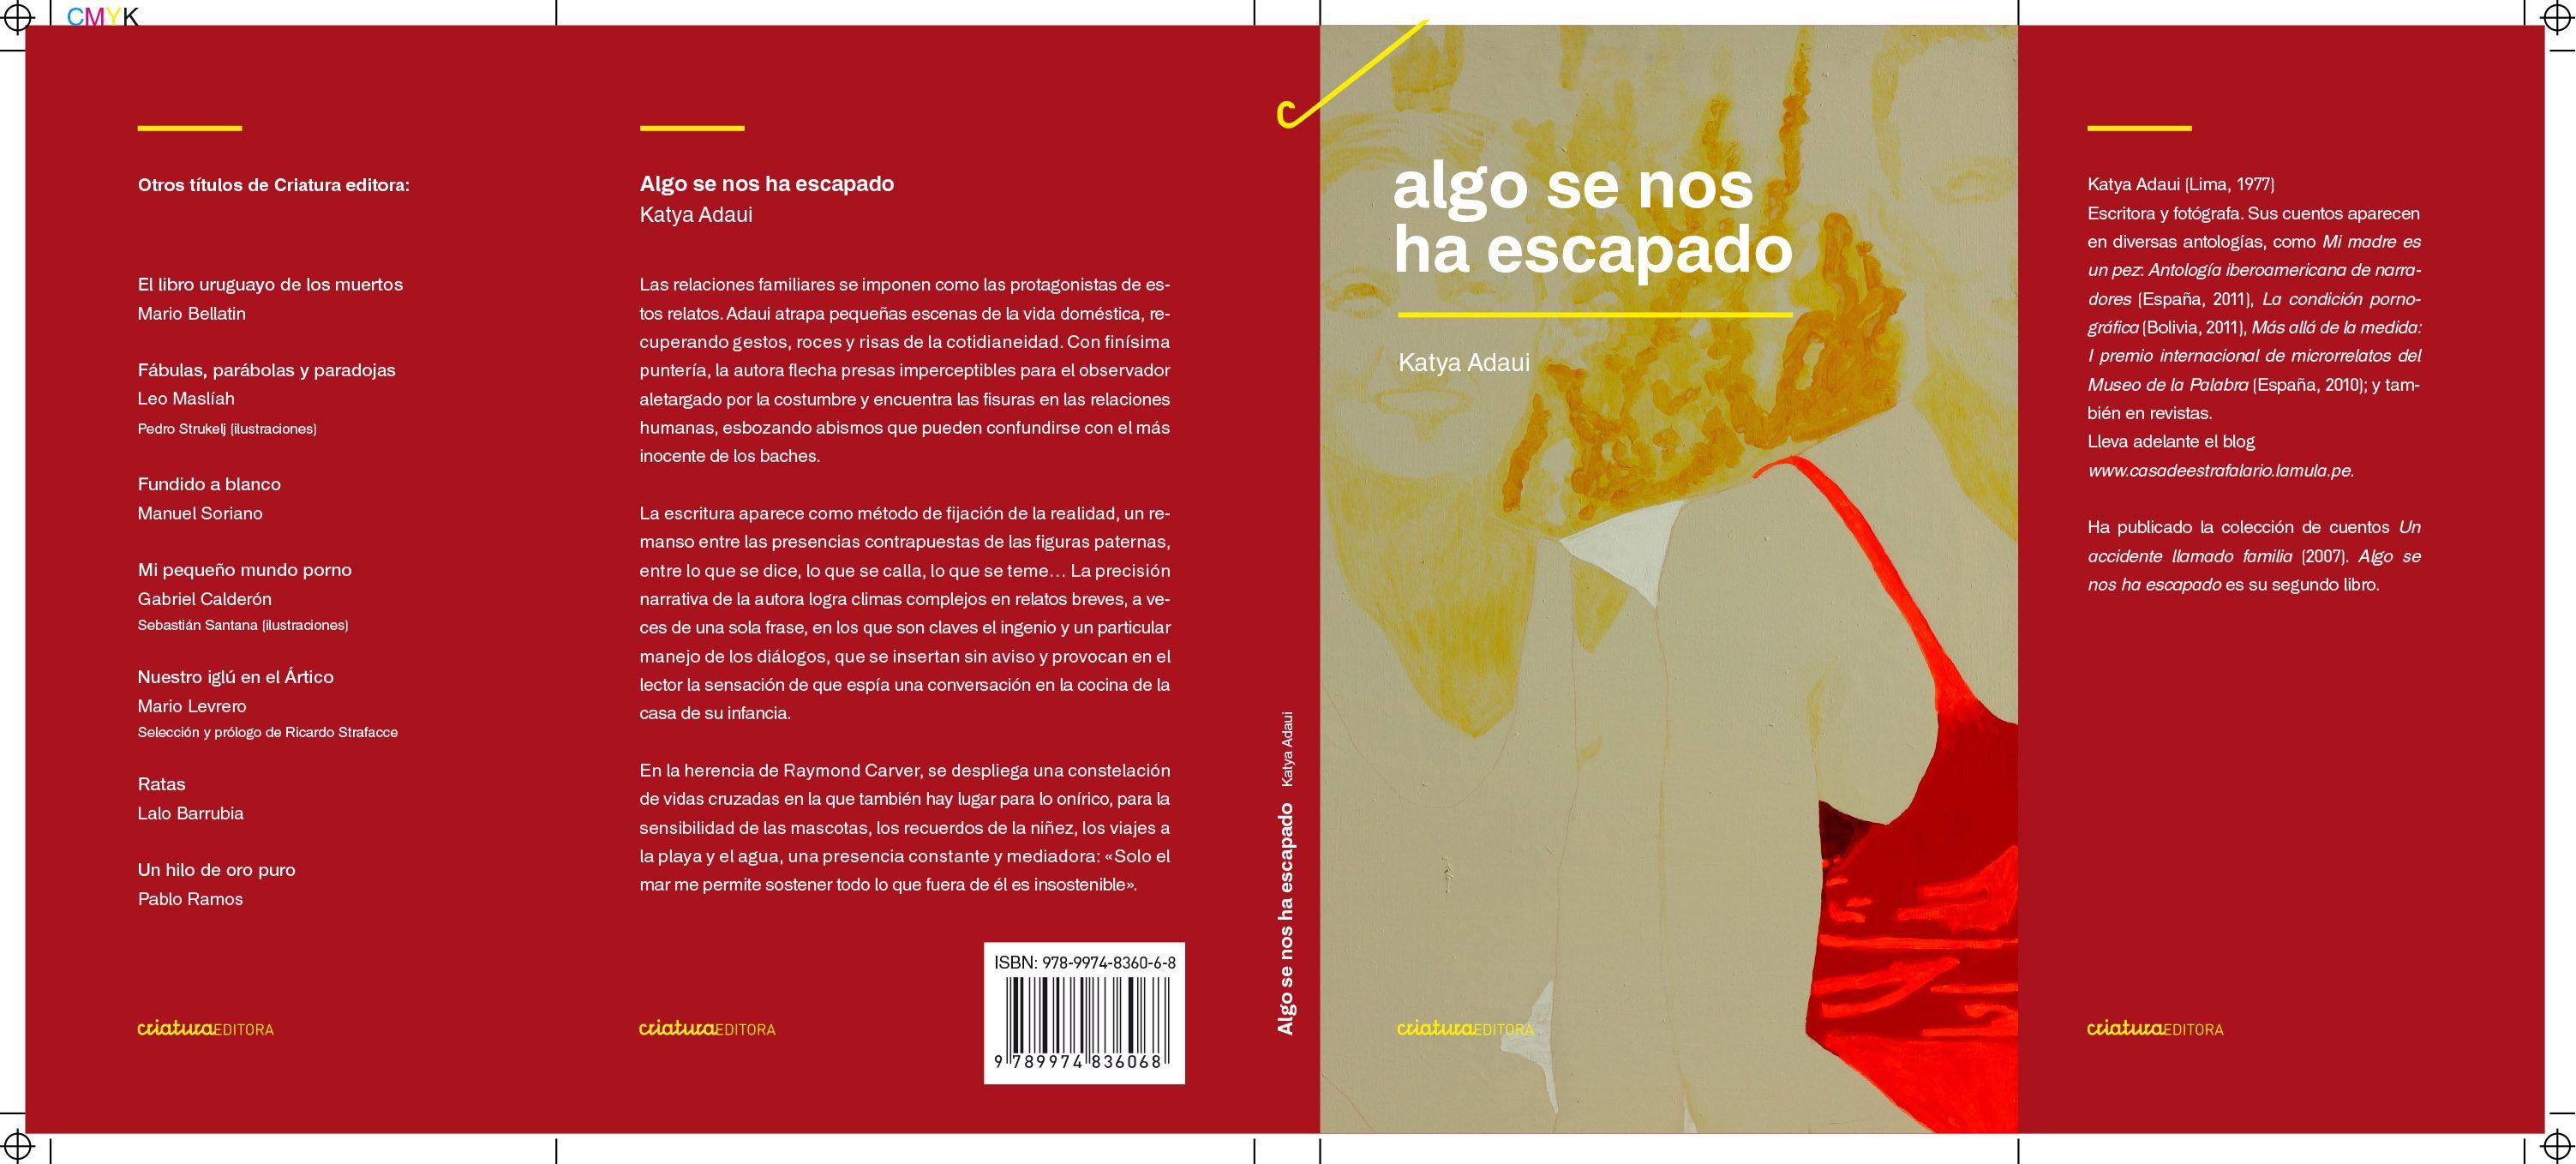 """La portada de la versión uruguaya de """"Algo se nos ha escapado"""", segundo libro de cuentos de Katya Adaui."""